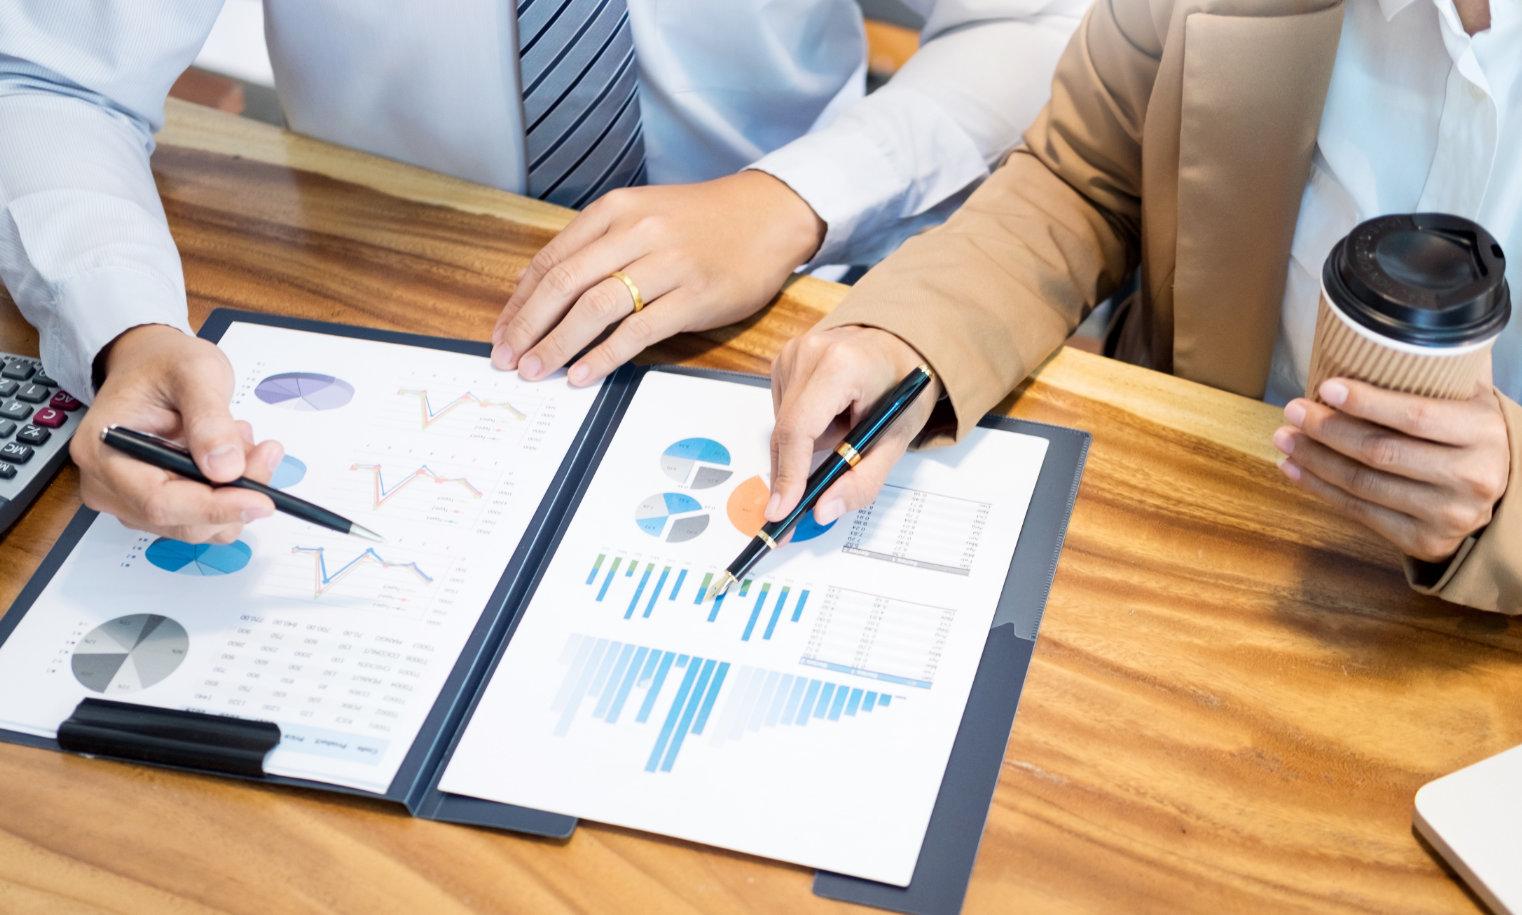 關鍵字排名落後怎麼辦?教你如何做關鍵字分析(上)關鍵字分析可以為你創造什麼樣的收益?